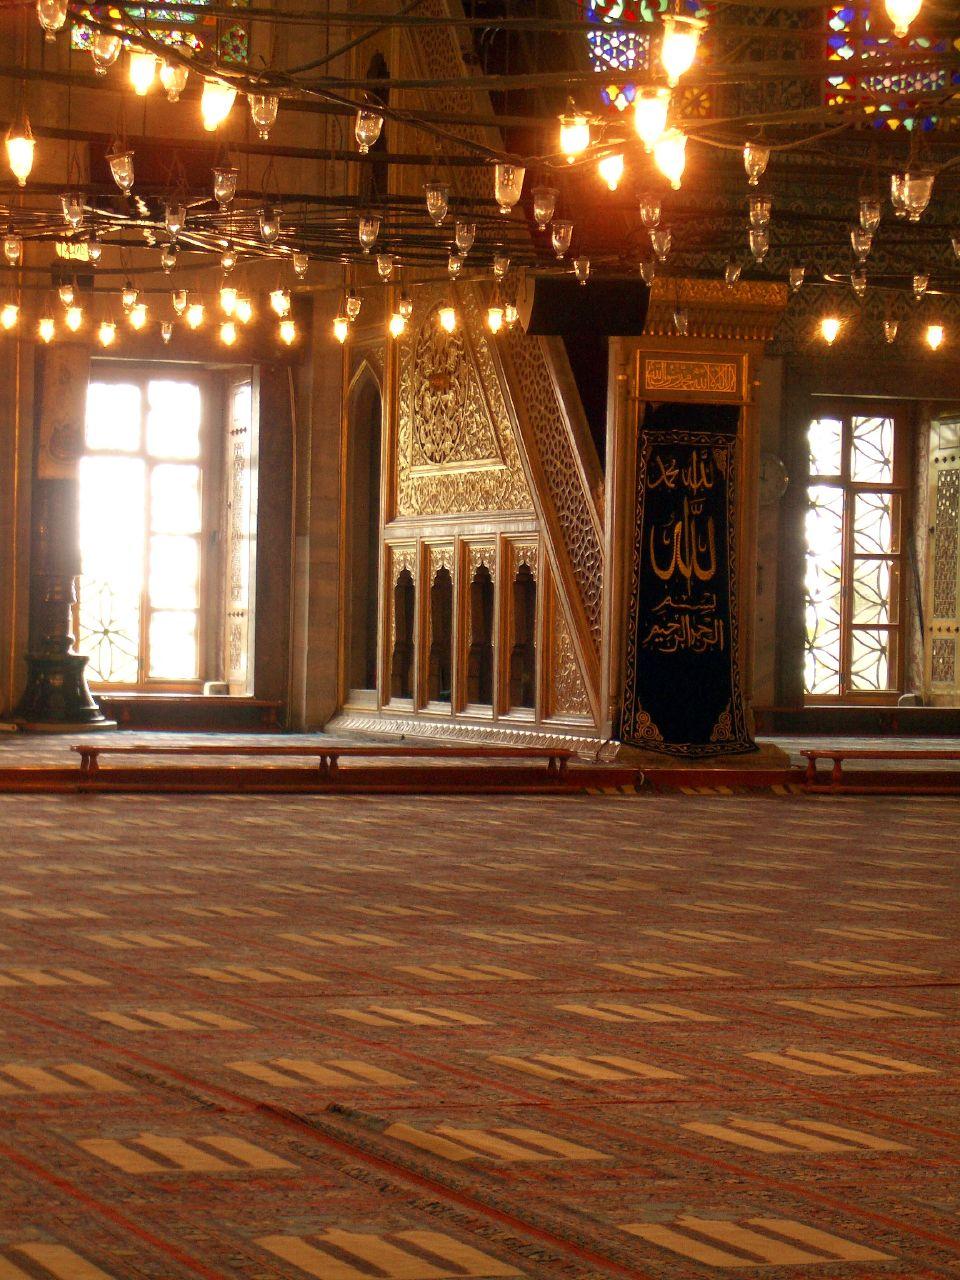 هنصلى فين النهاردة (مسجد السلطان أحمد ) بتركيا 26363642_d92960ca7e_o